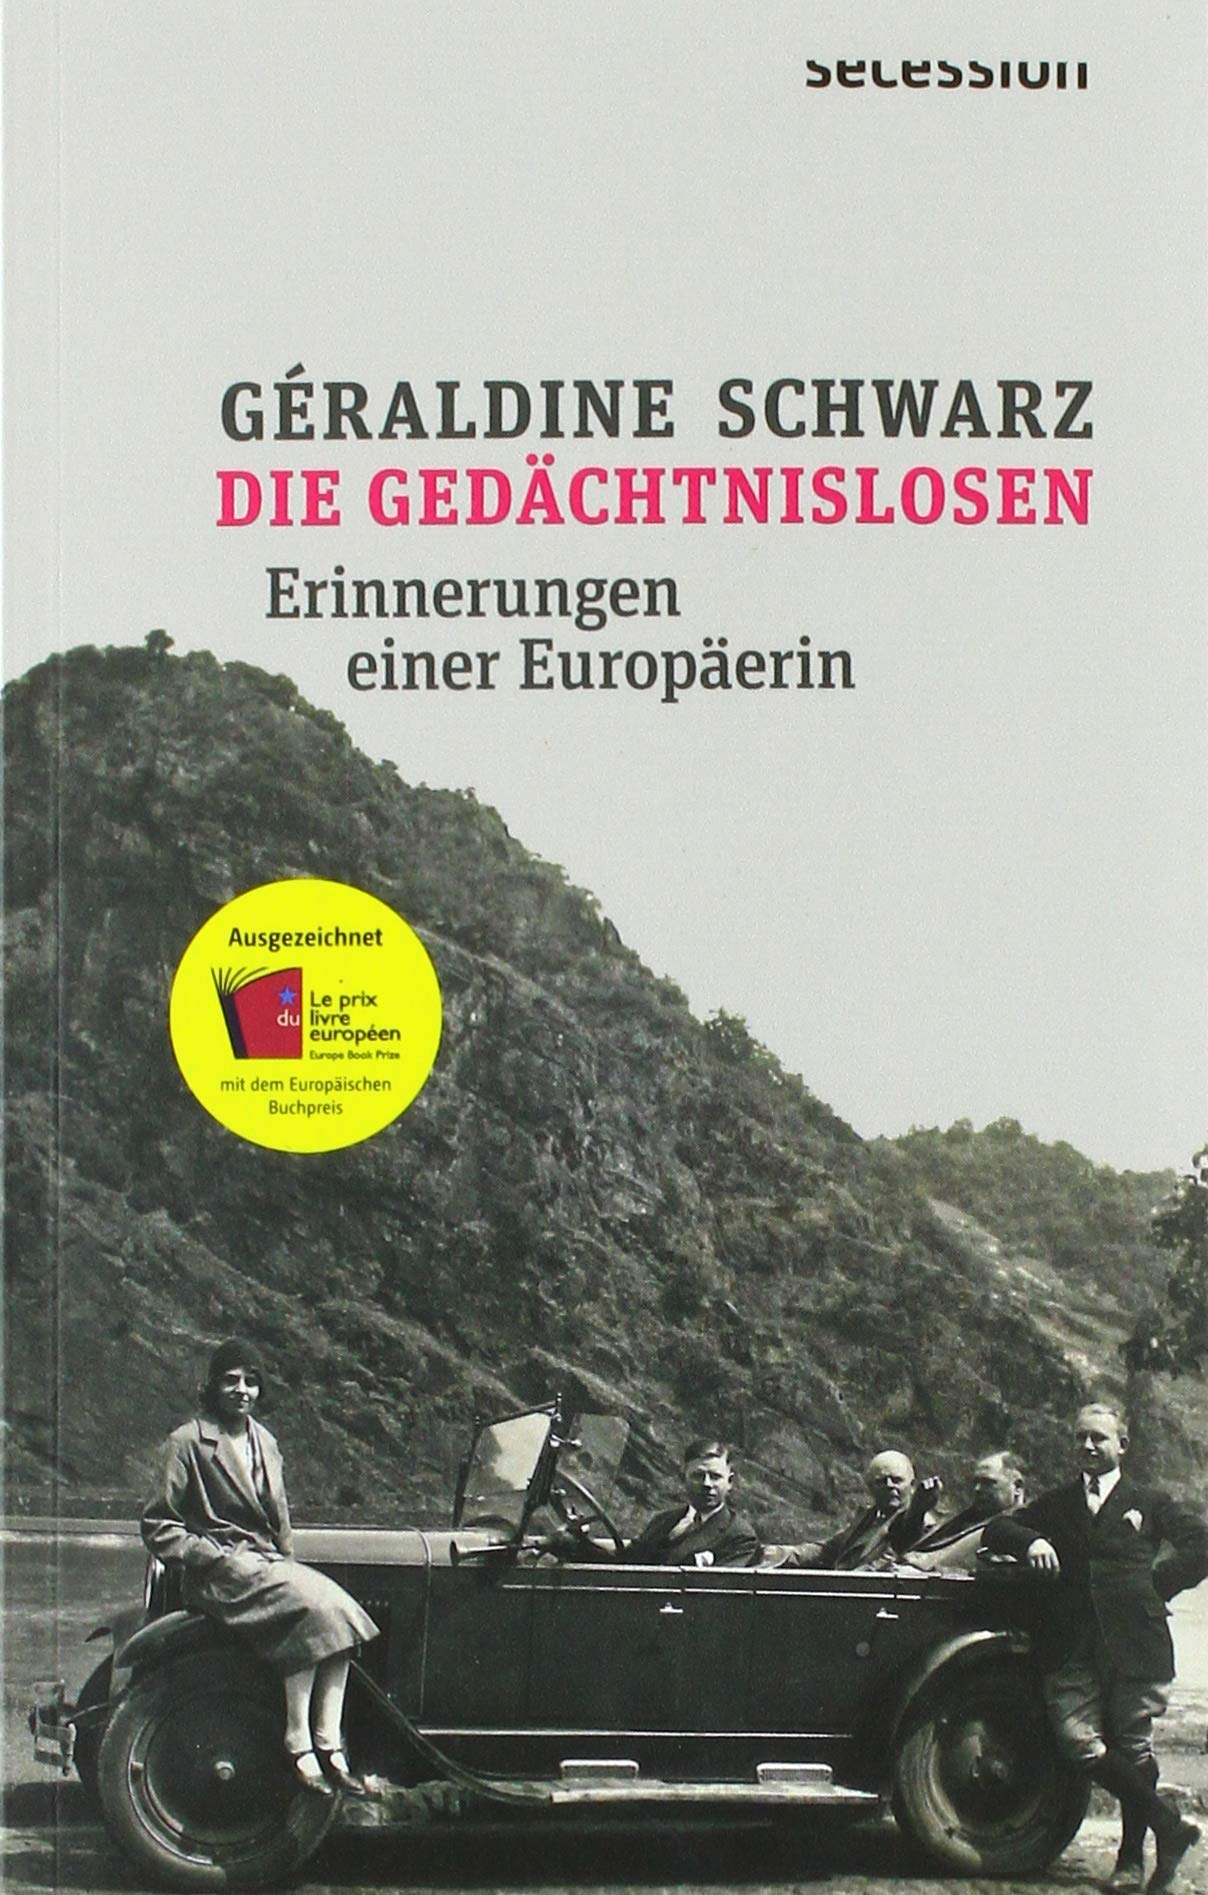 Couverture du livre Die Gedächtnislosen de Géraldine Schwarz. Photo en noir et blanc ancienne, sans doute des années 30, montrant 5 personnes dont une femme regroupées autour d'une voiture.